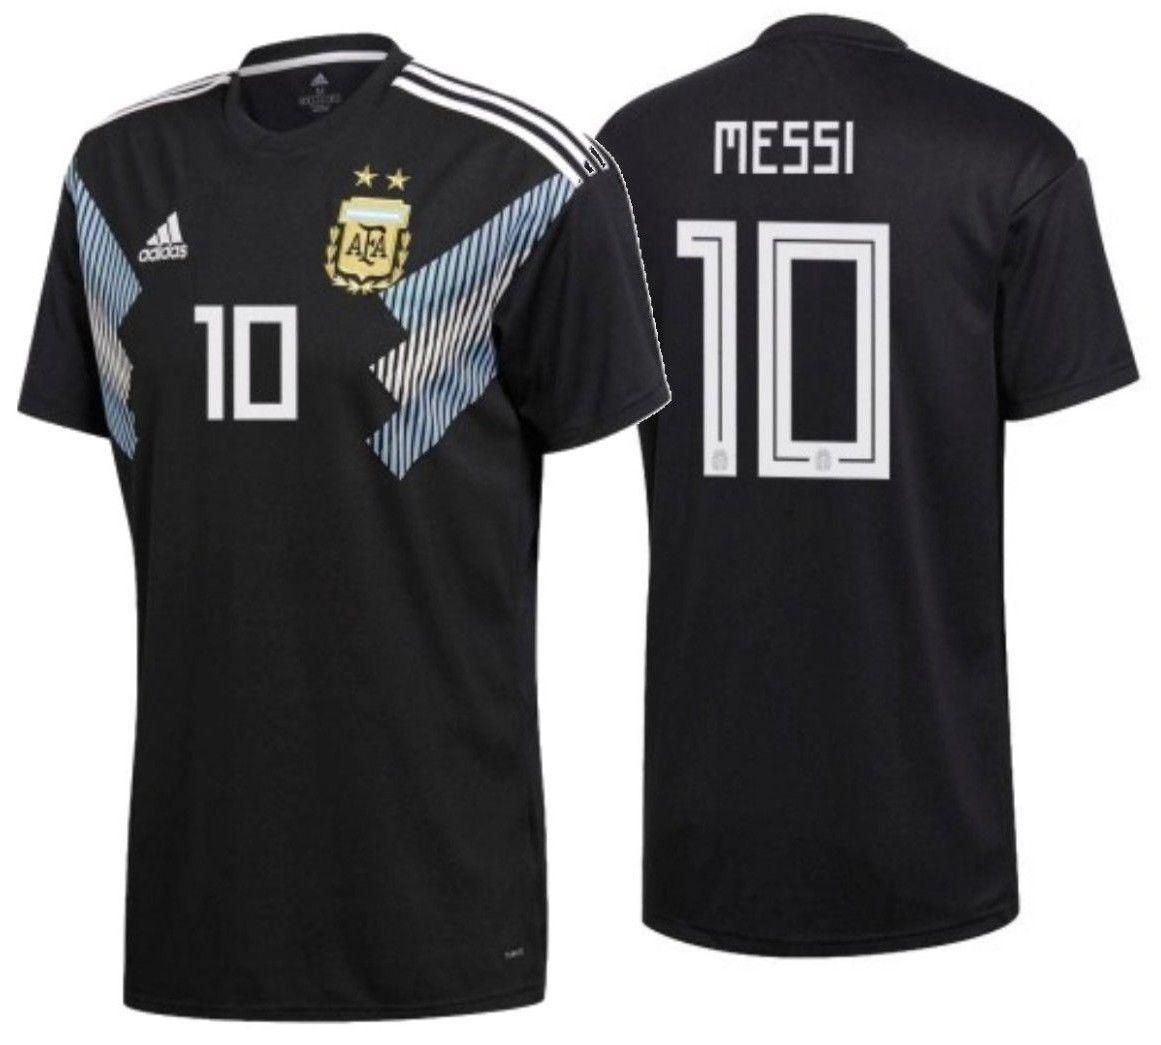 92fdb2aca05 Adidas Lionel Messi Argentina Away Jersey and 22 similar items. 57